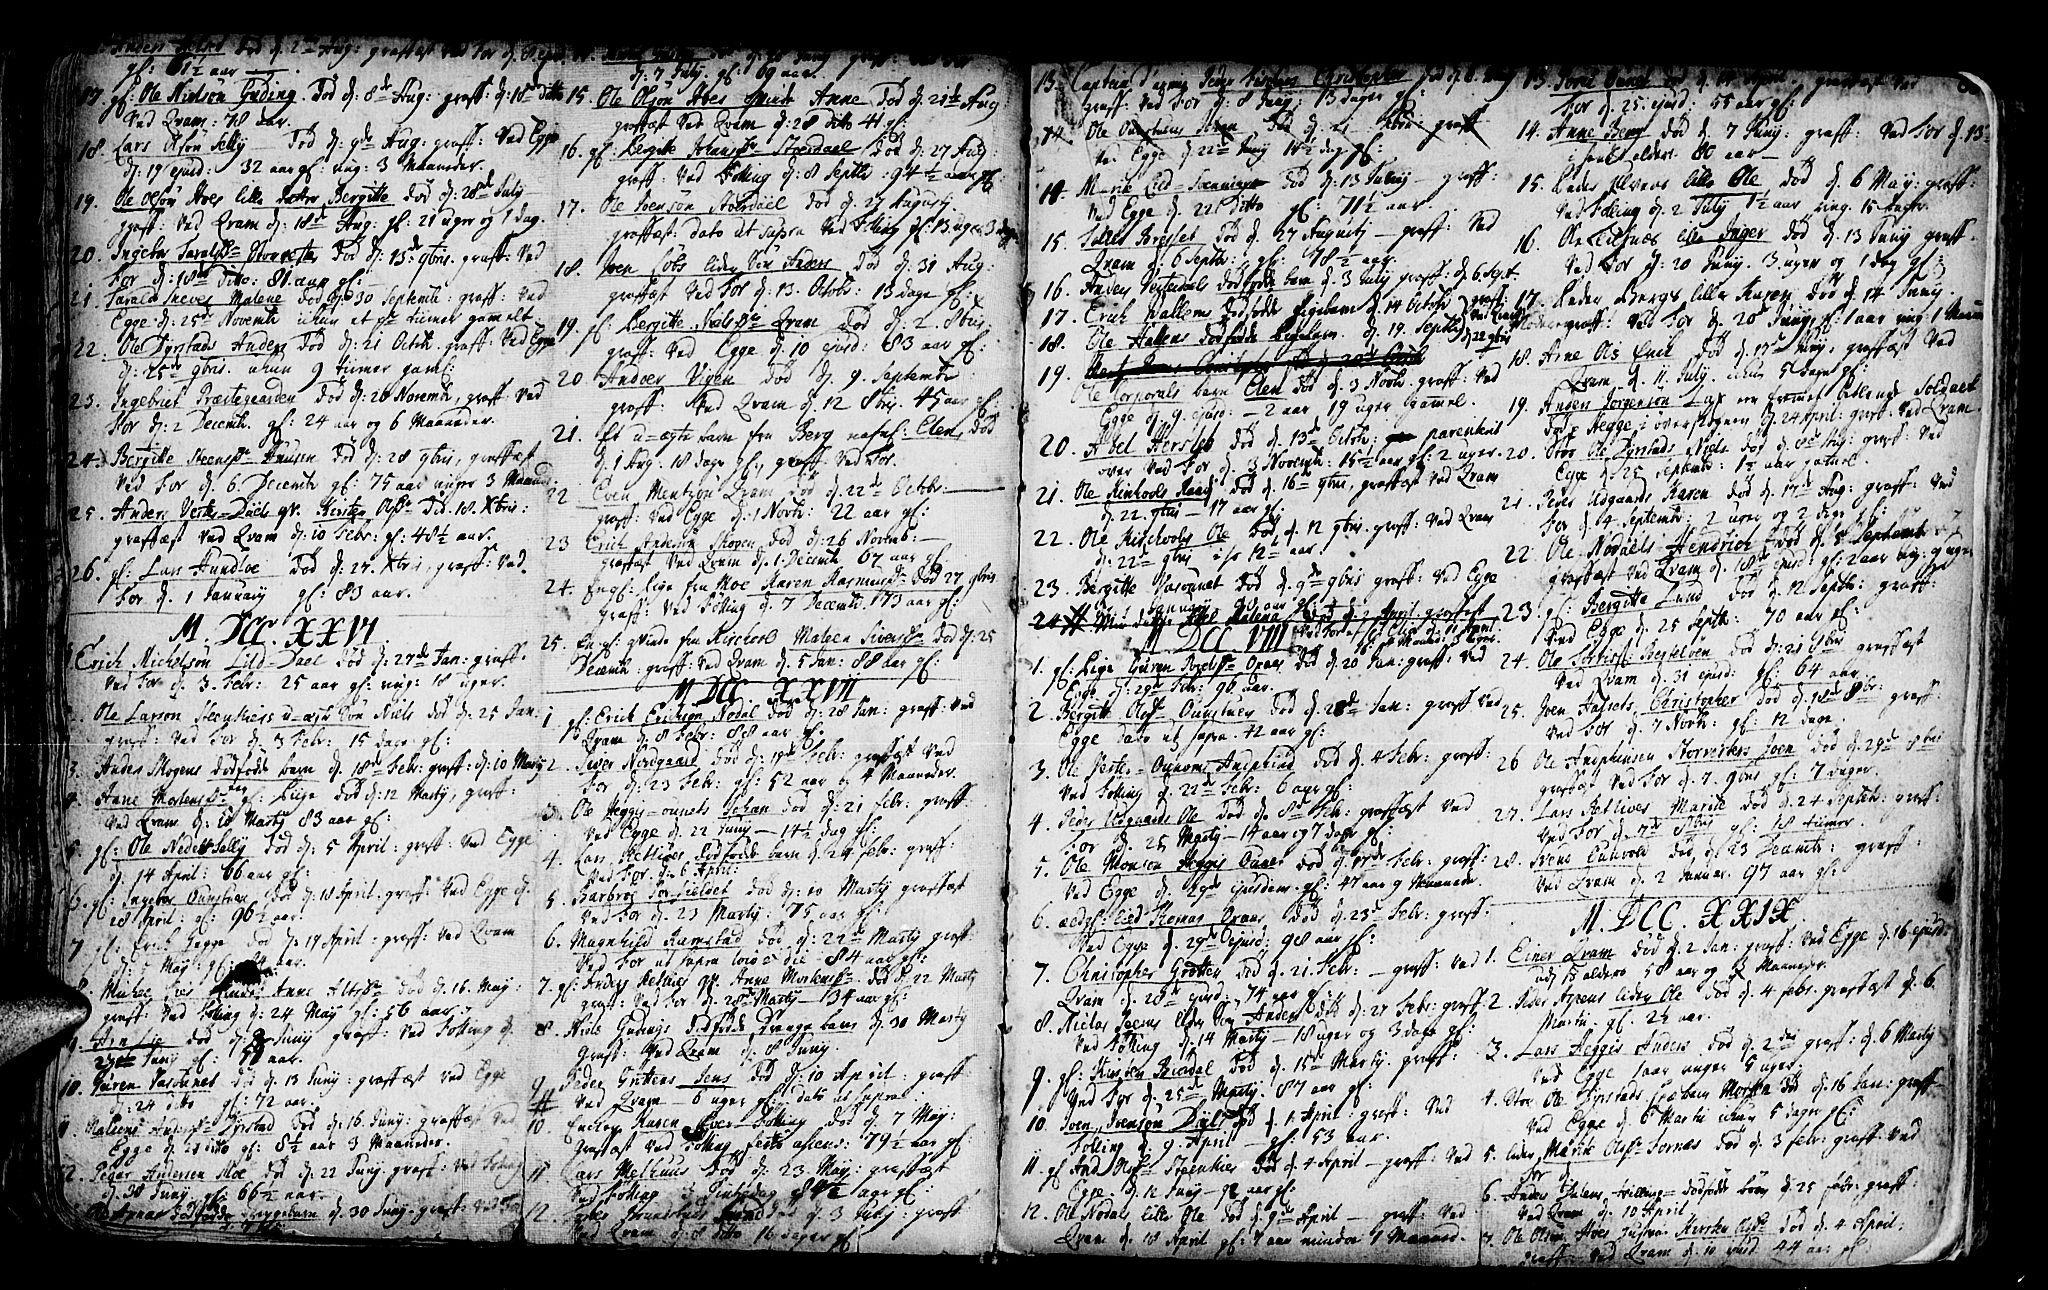 SAT, Ministerialprotokoller, klokkerbøker og fødselsregistre - Nord-Trøndelag, 746/L0439: Ministerialbok nr. 746A01, 1688-1759, s. 60